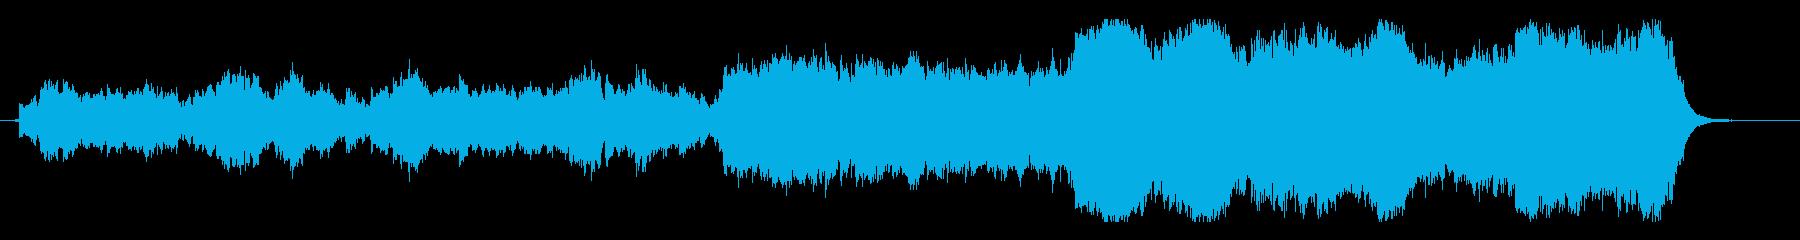 スピリチュアルで切ないヒーリングサウンドの再生済みの波形